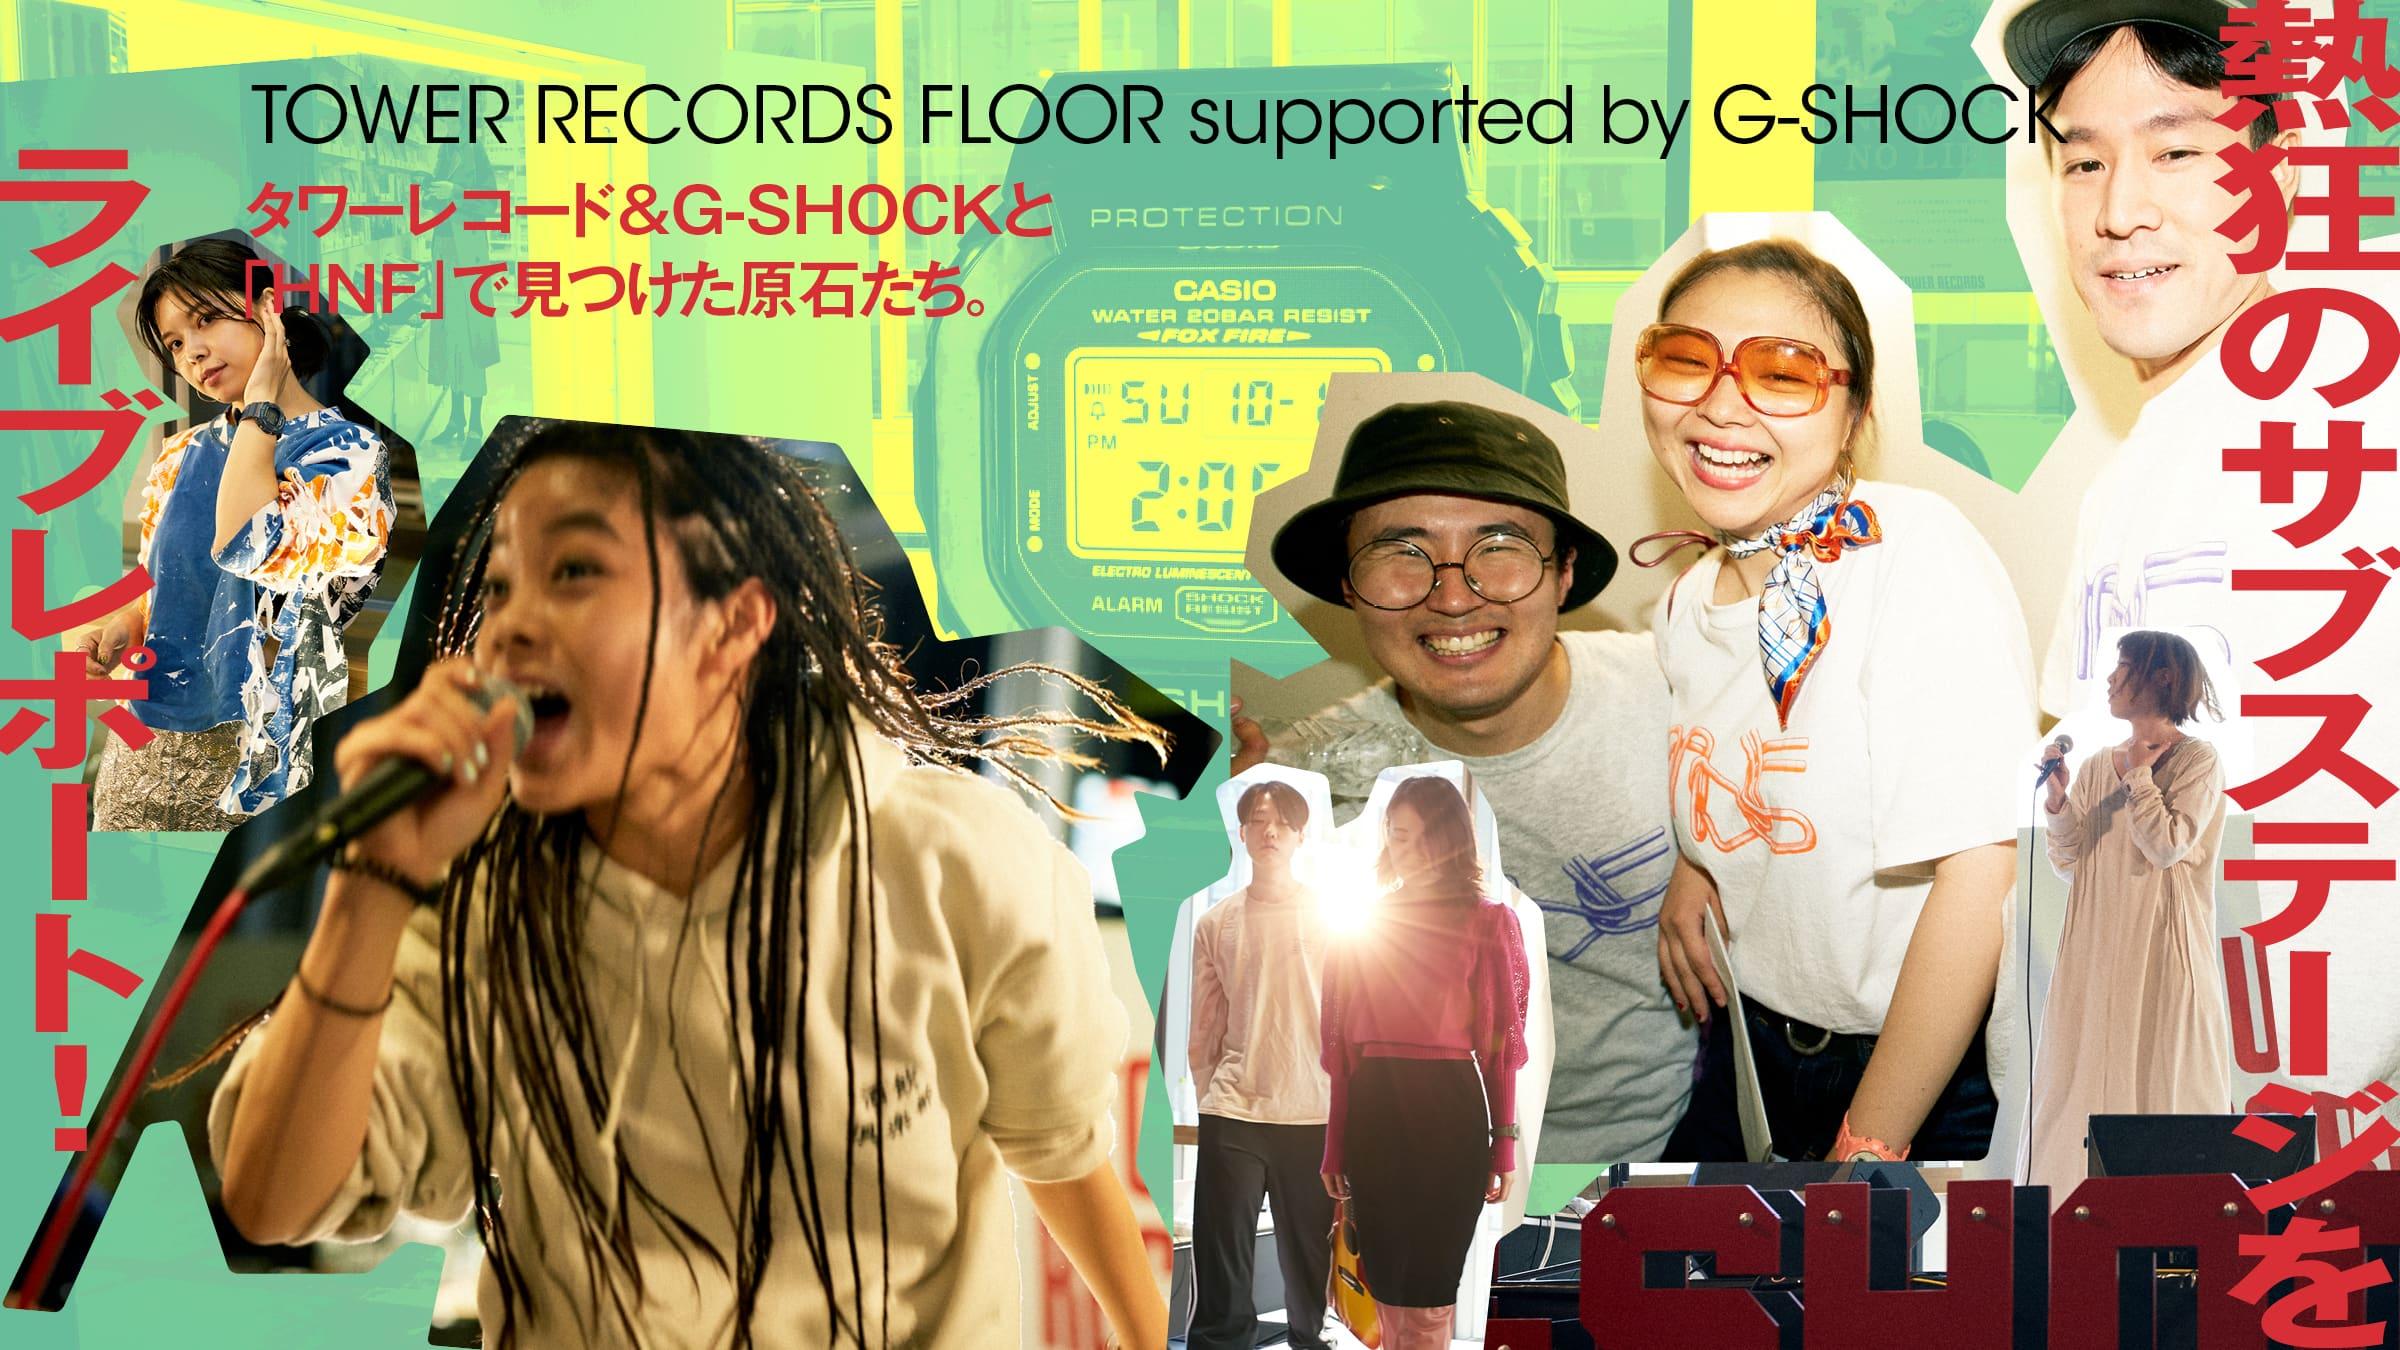 タワーレコード&G-SHOCKと「HNF」で見つけた、音楽家の原石たち。熱狂のサブステージをライブレポート!